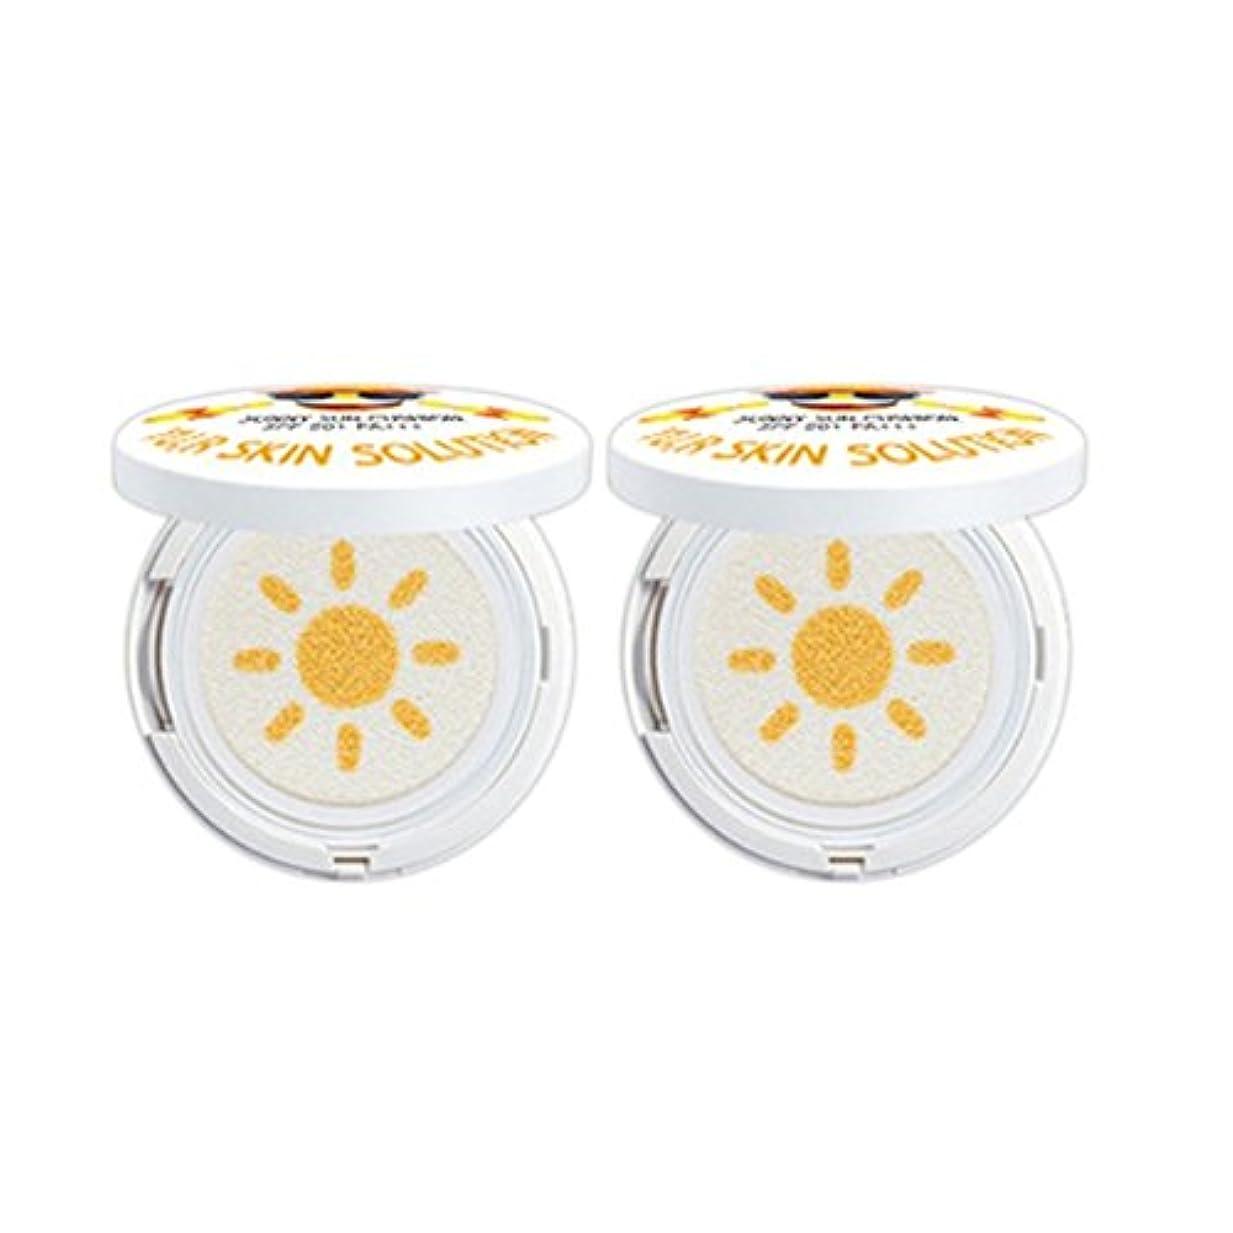 ひどい交差点必要YU.R Skin Solution Sunny Sun Cushion サニー·サン·クシオン SPF50+,PA+++, 0.88oz(2pack) [並行輸入品]